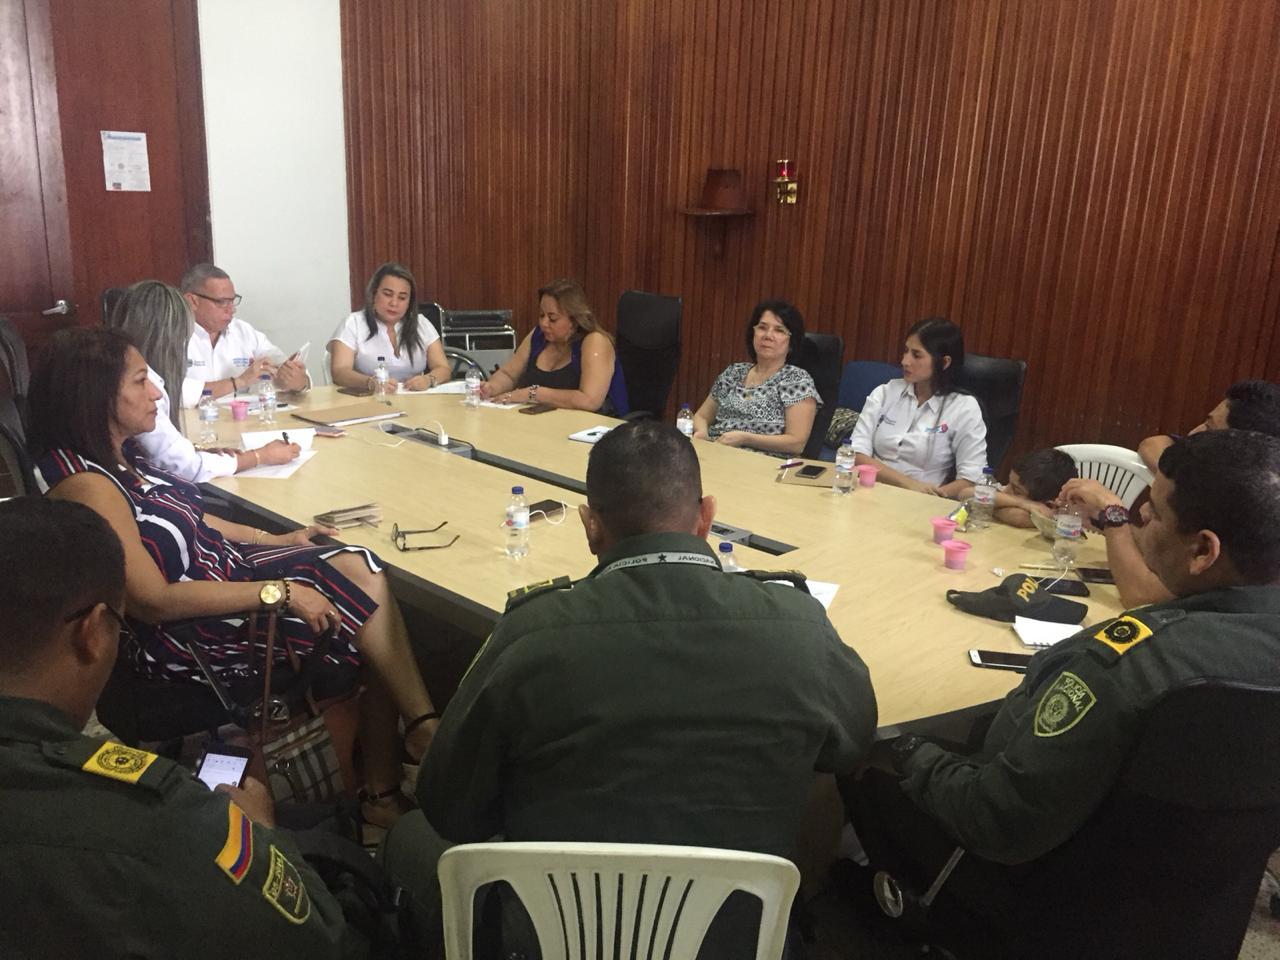 Magdalena registra un balance positivo en la lucha contra la Trata de Personas durante el 2019 - Seguimiento.co